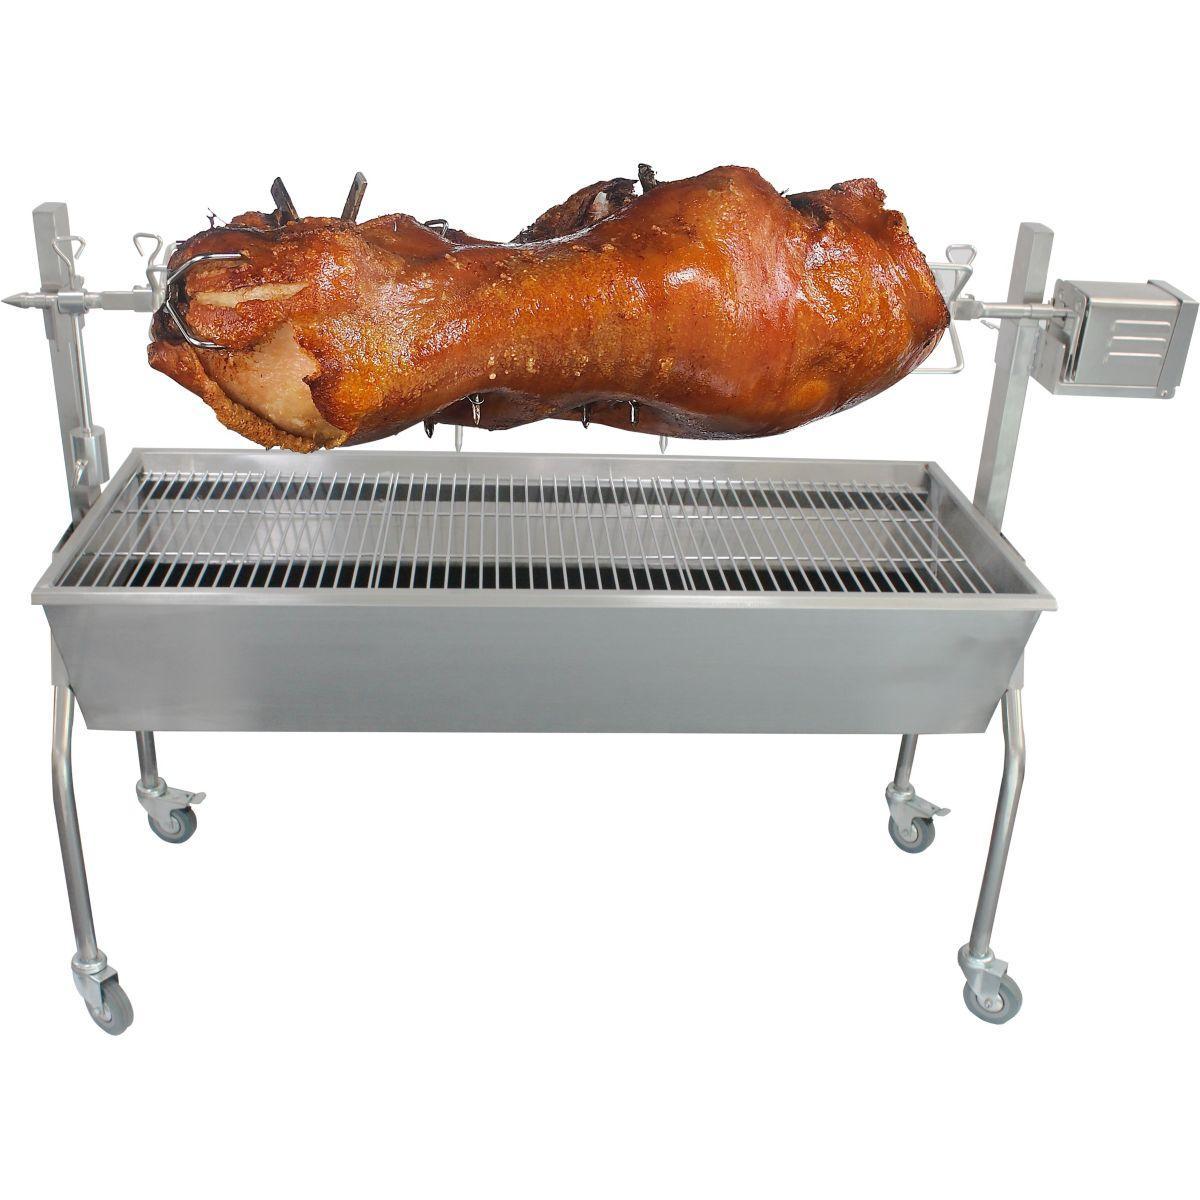 Barbecue charbon kalorik tkg grb 1001 rotissoire �lectrique - 7% de remise imm�diate avec le code : school7 (photo)